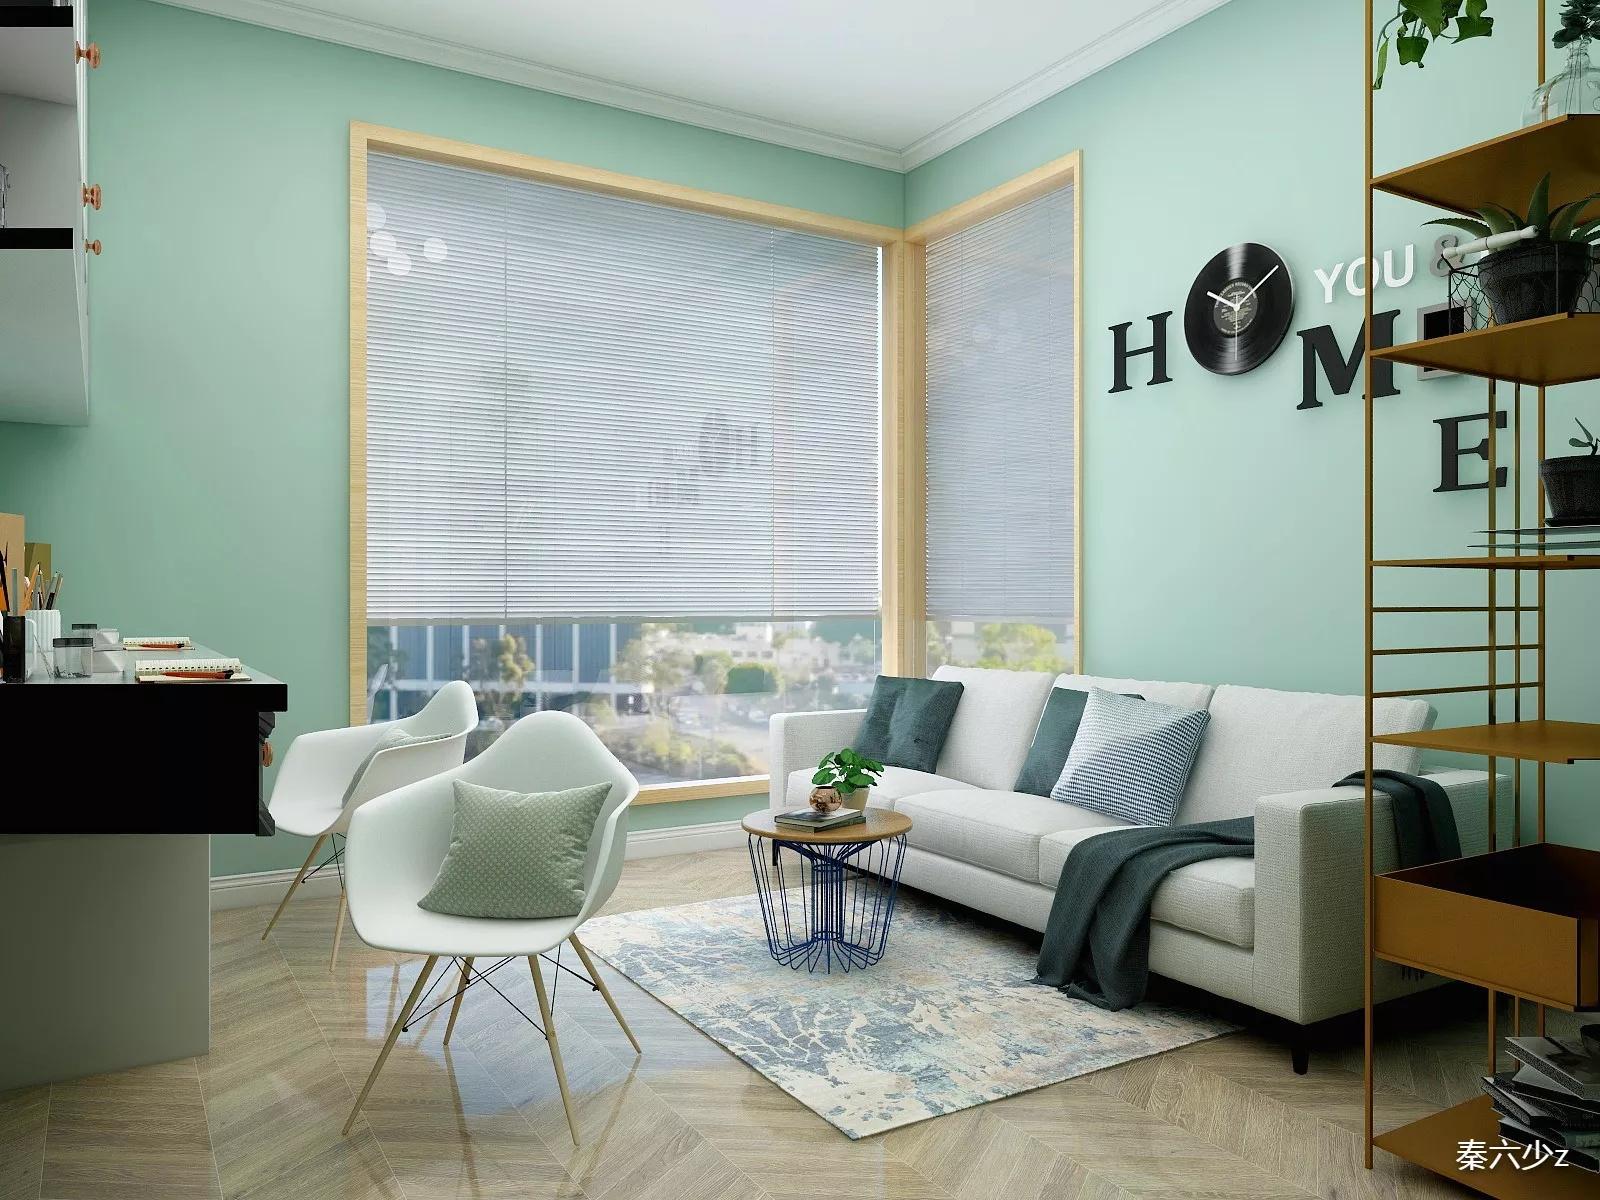 长窄型客厅如何装修?长窄型客厅装修有哪些方法?